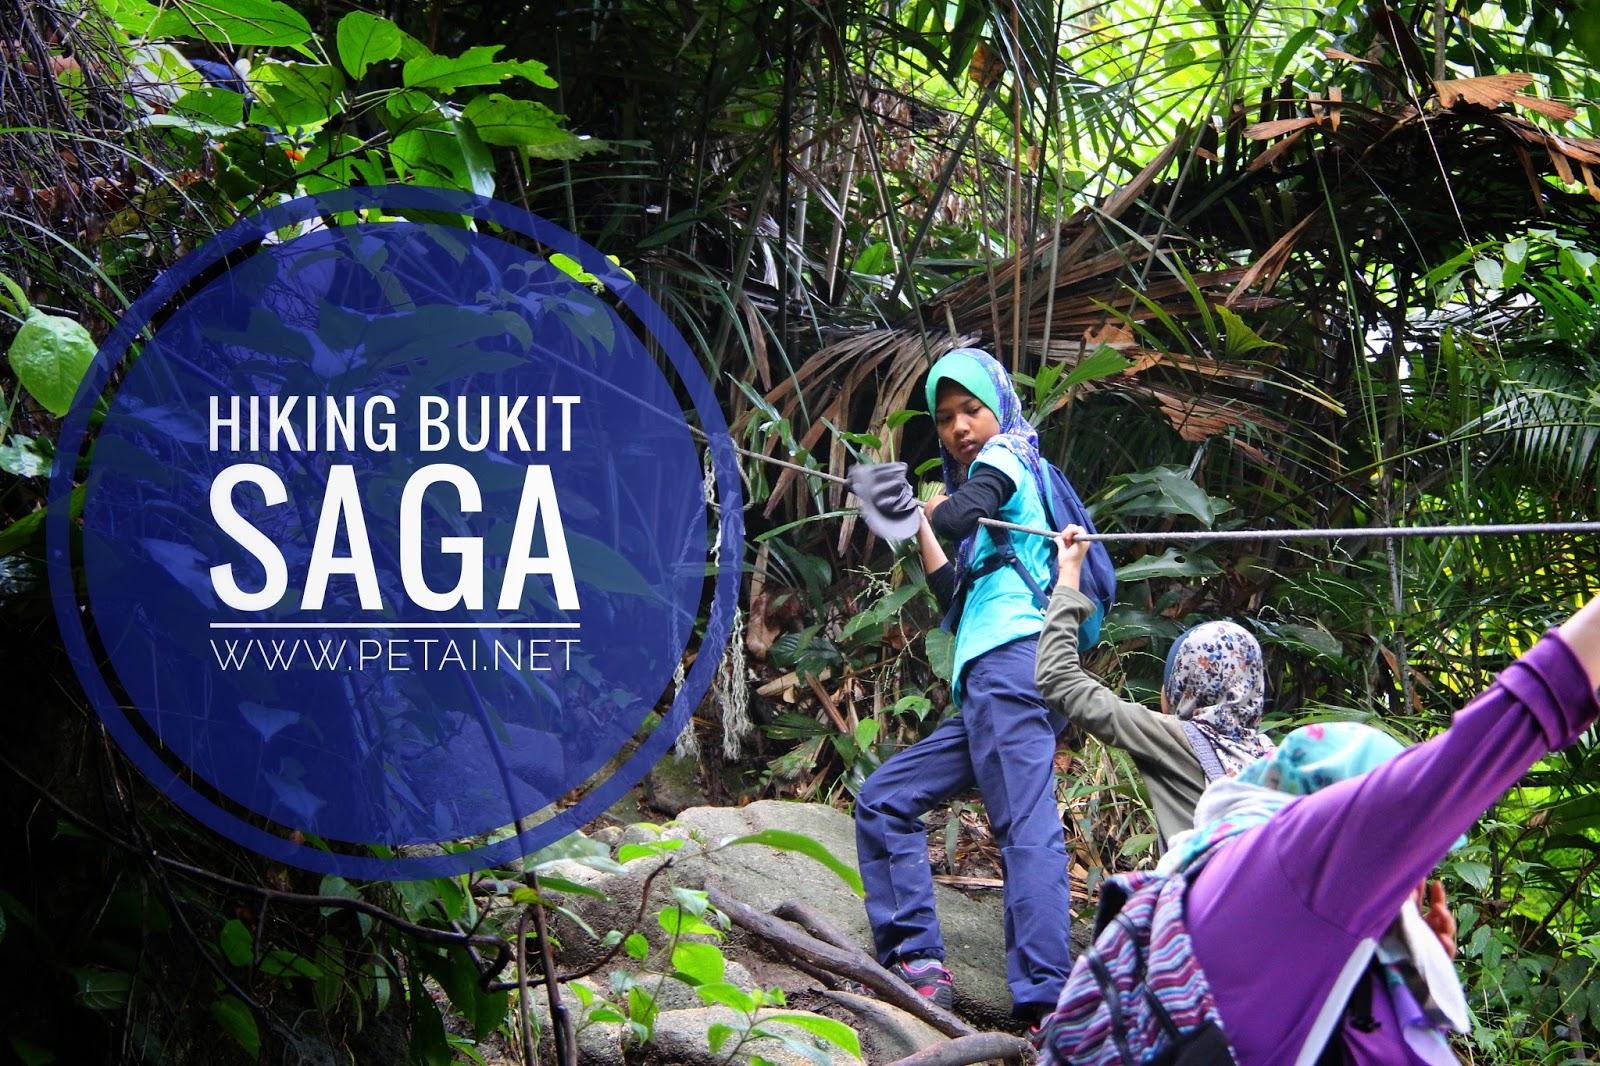 Hiking Bukit Saga, Ampang